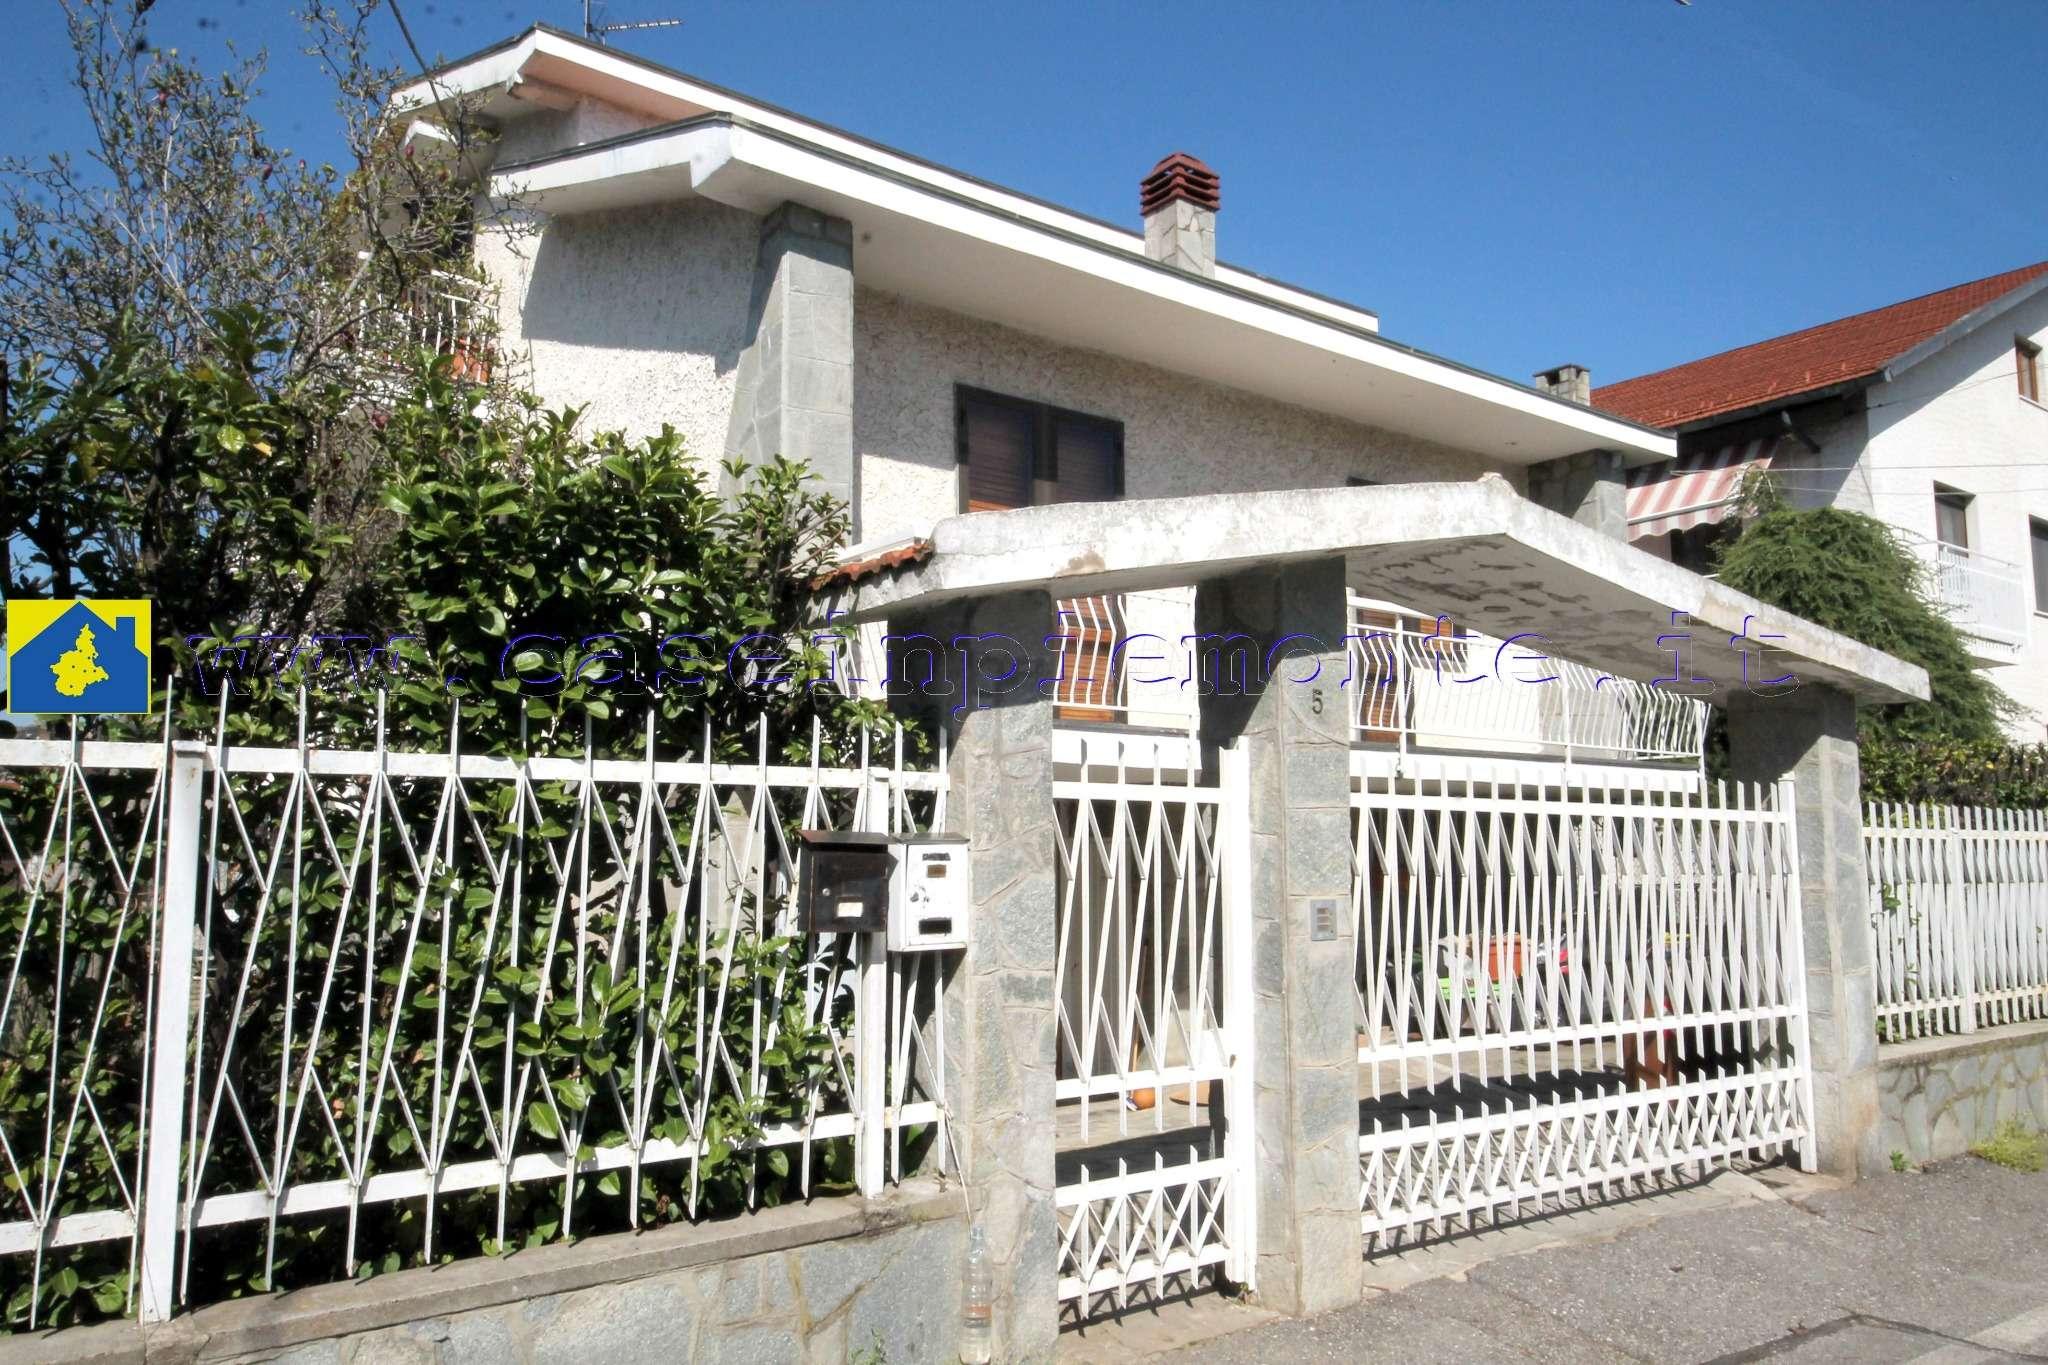 Attico / Mansarda in affitto a Pianezza, 3 locali, prezzo € 550   PortaleAgenzieImmobiliari.it